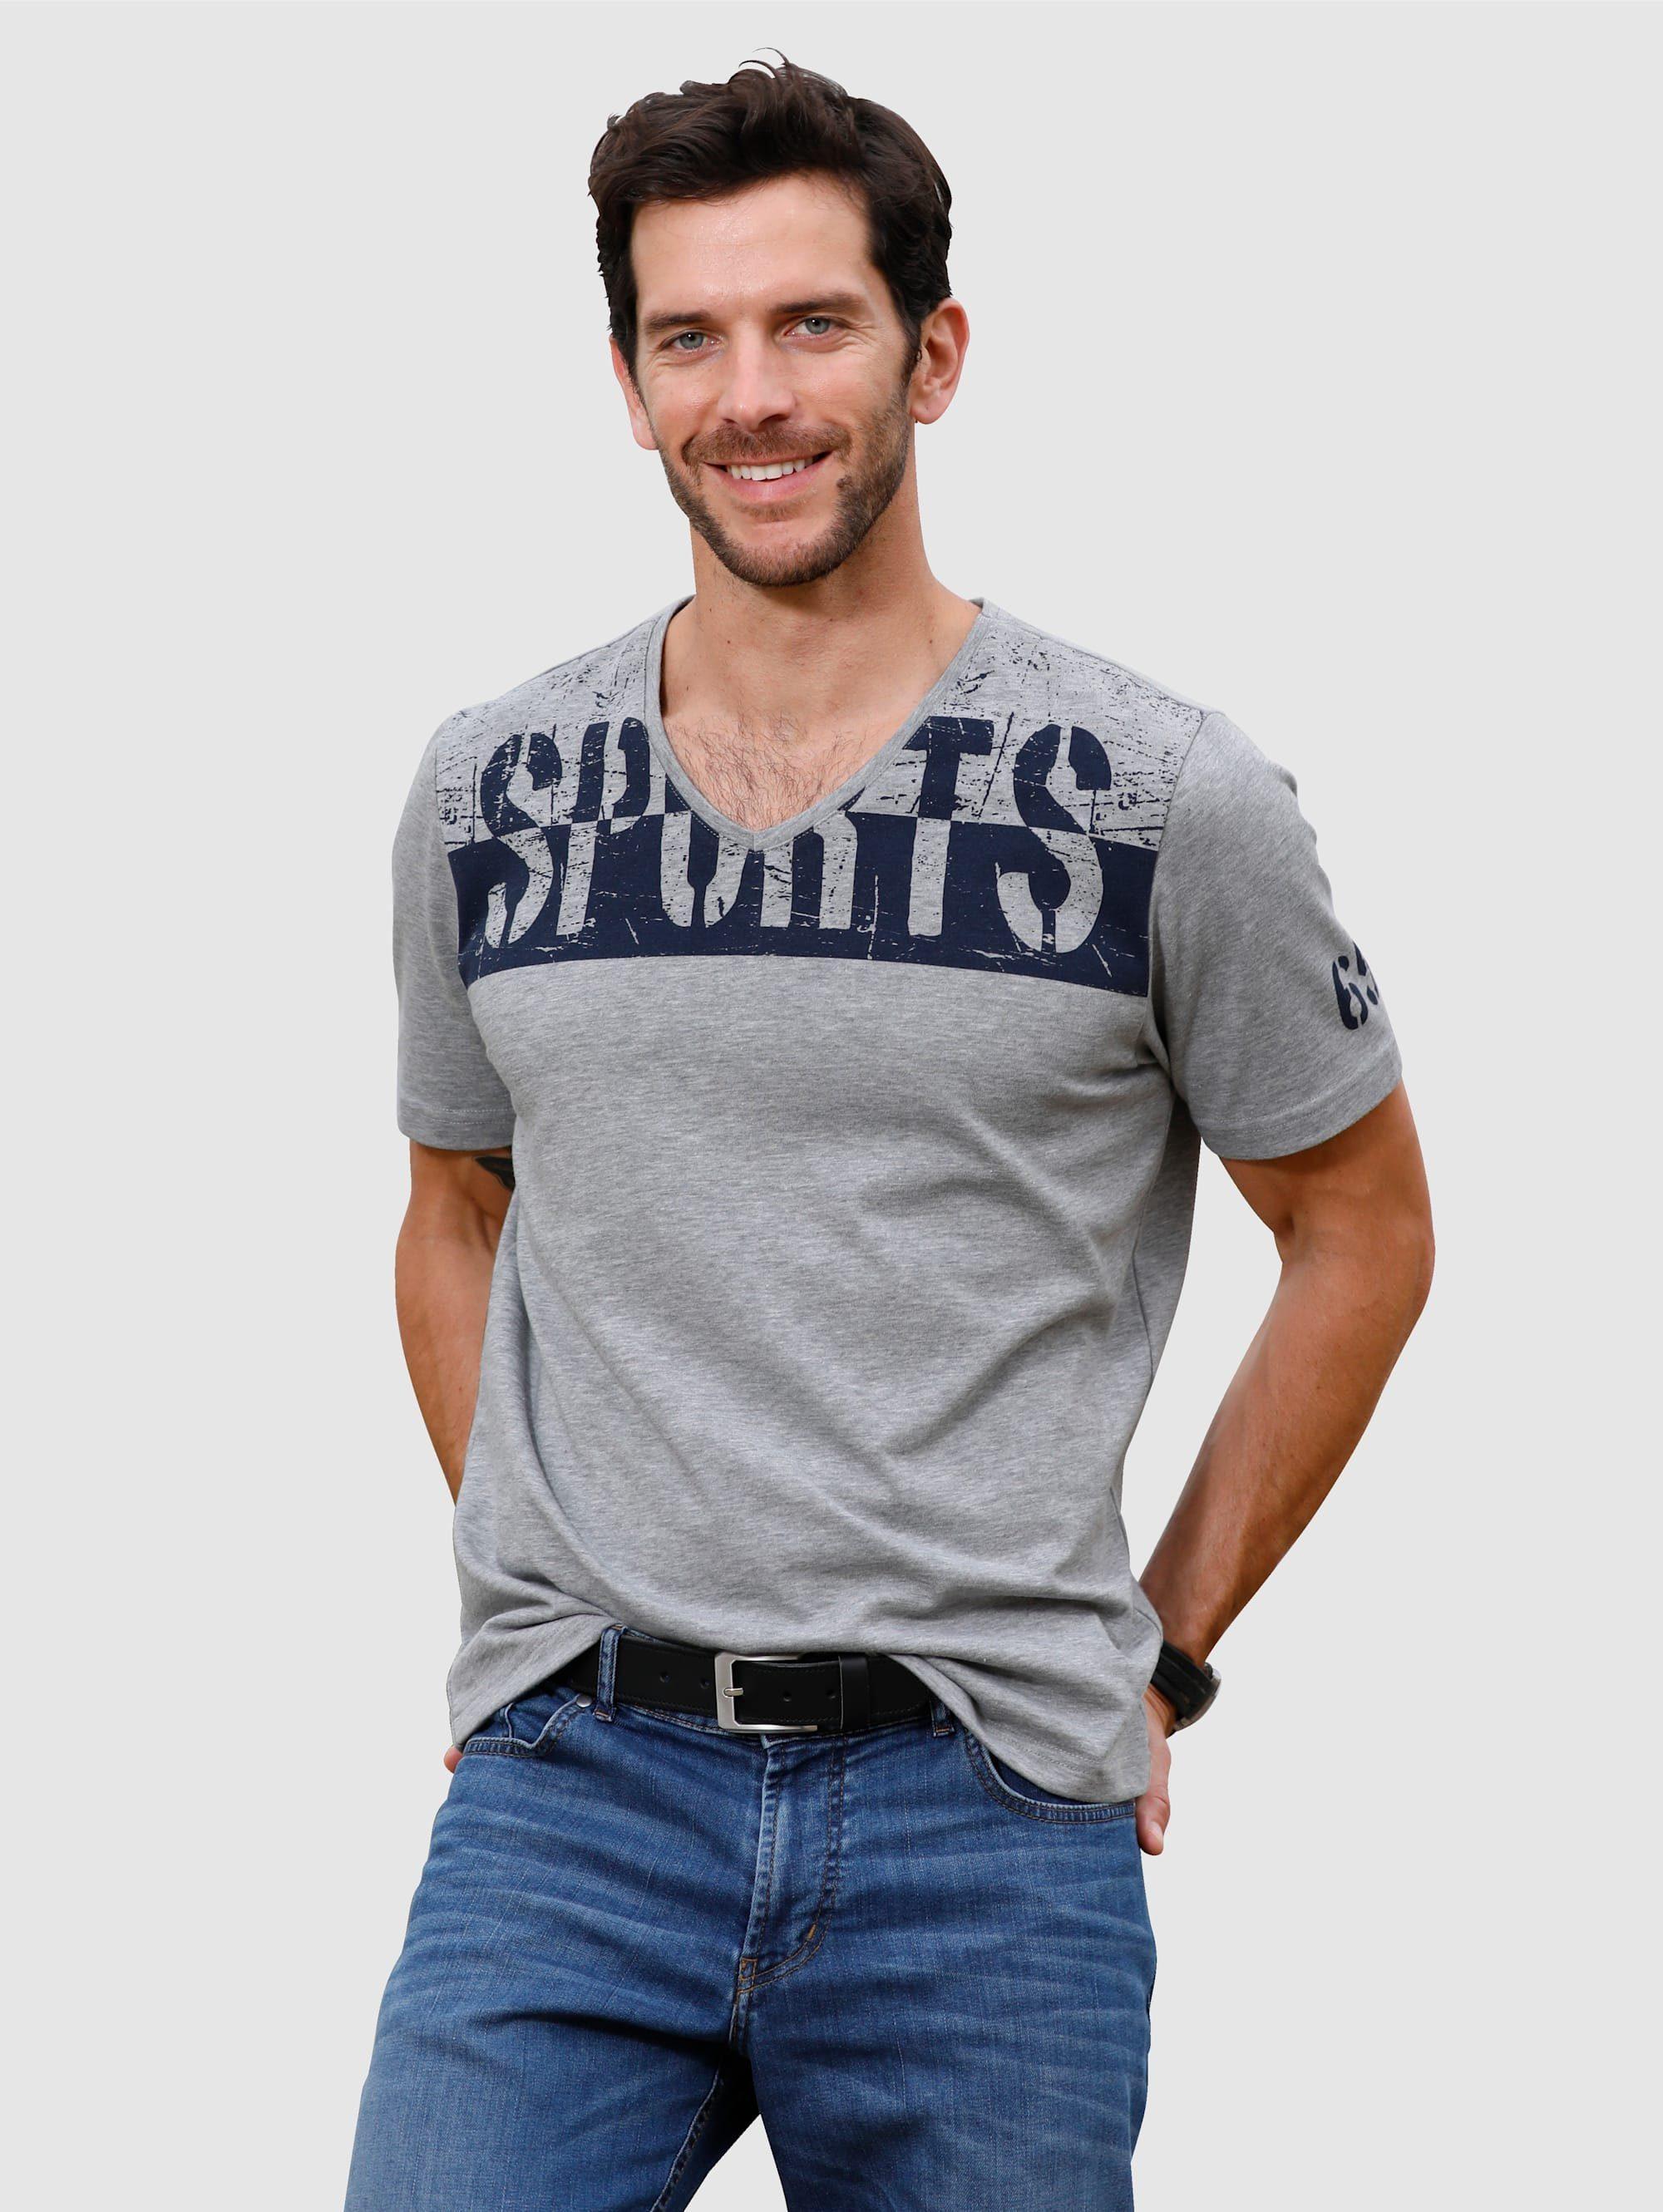 Roger Kent T-Shirt mit modischem Druck, Baumwoll-Mix lytiMG